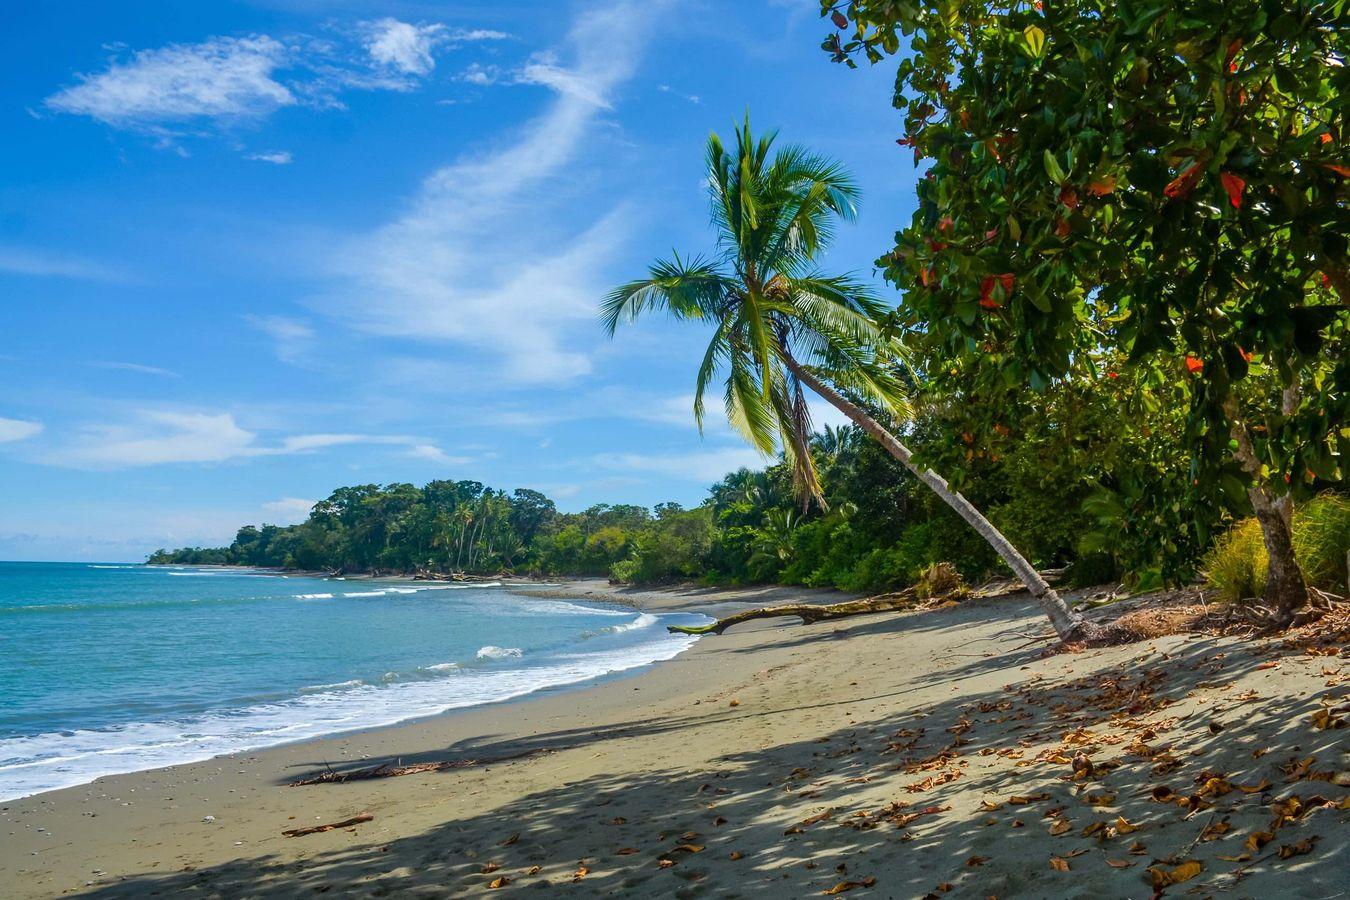 In the Magical Jungle of COSTA RICA, Fall 2021